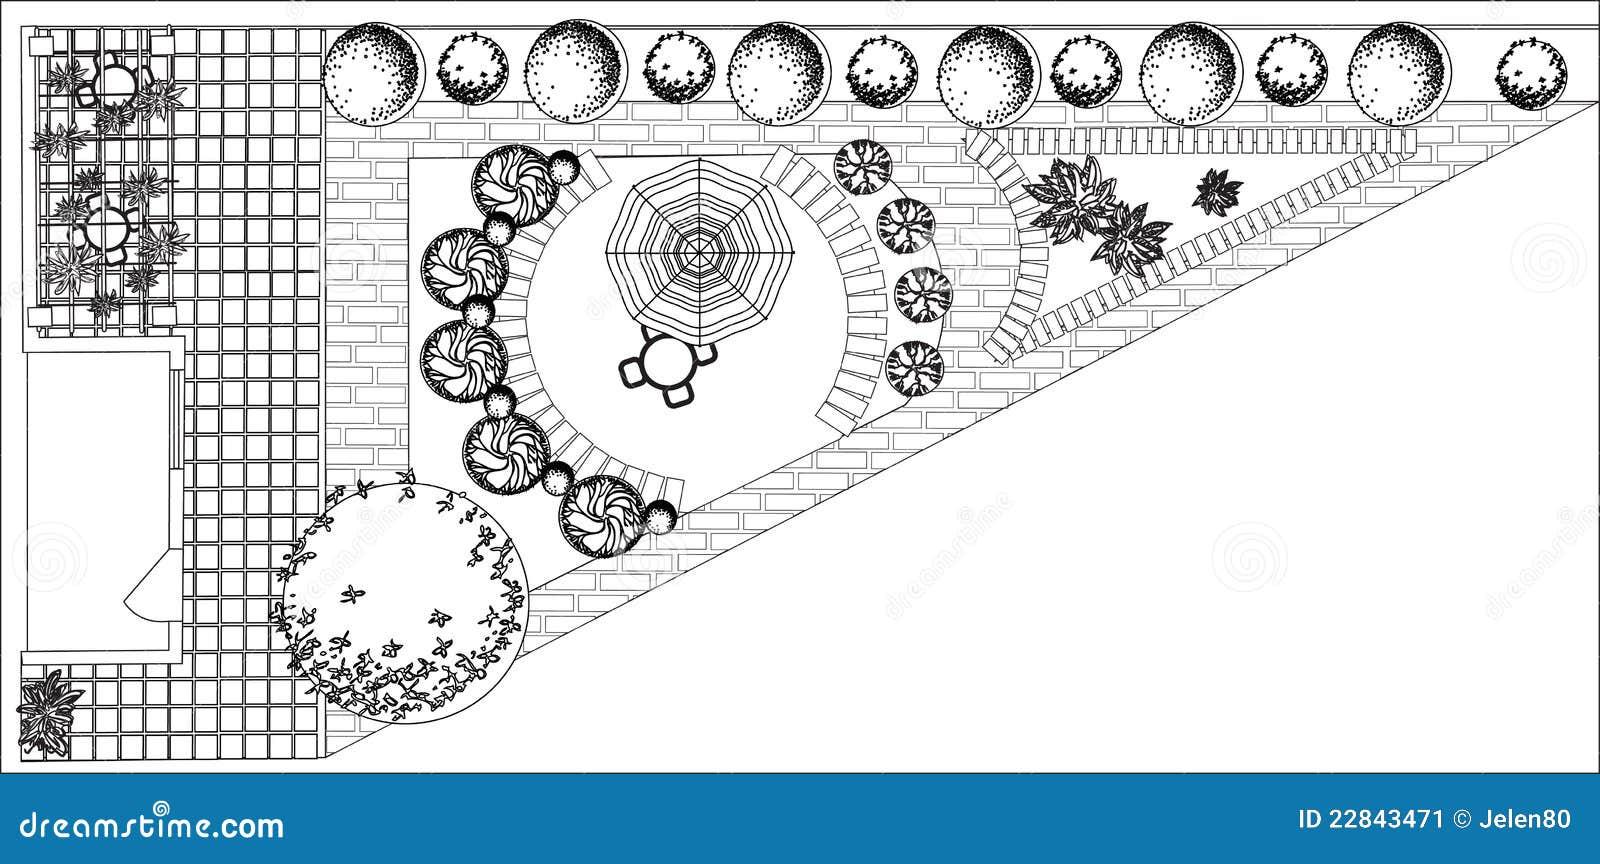 Plan de jardin noir et blanc image stock image 22843471 for Jardin noir et blanc